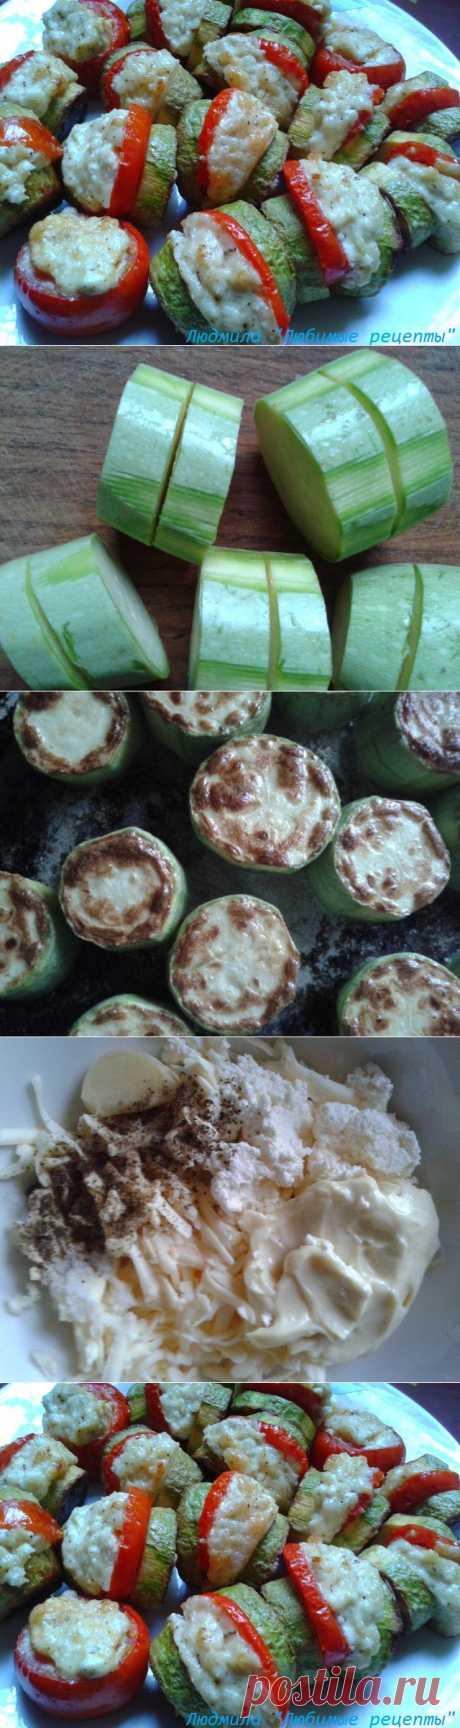 (+1) - Ракушки из кабачков, плюс помидоры - закуска на один зубок! | Любимые рецепты